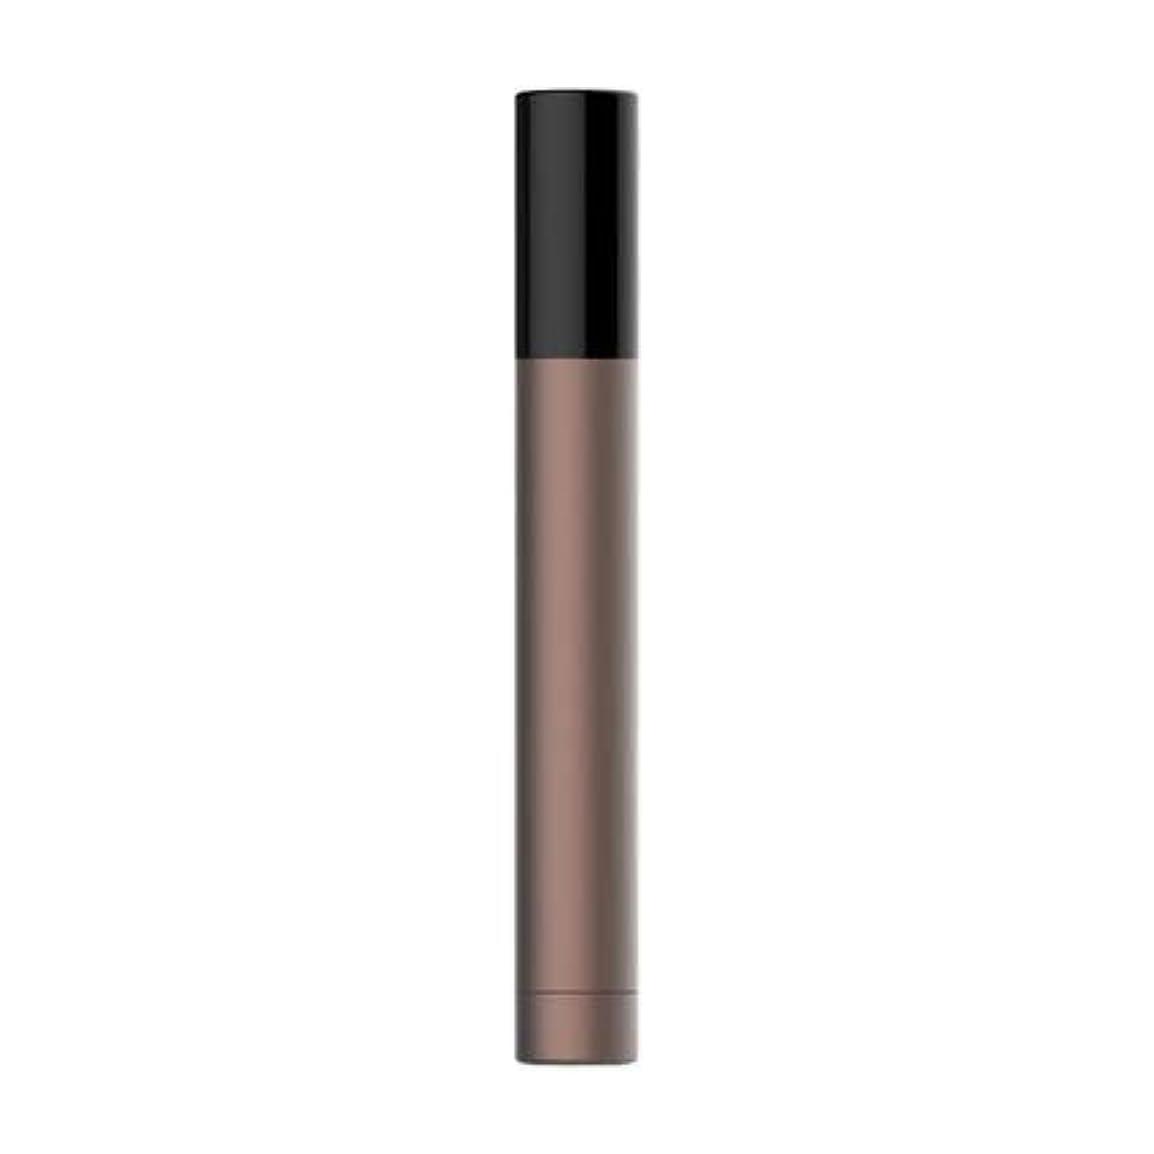 仕方マンハッタンメッシュ鼻毛カッター鼻毛トリマーシール防水効果電池式シングルカッターヘッドシャープで耐久性のあるカット短いカットなし隠しスイッチ合金ボディ陽極酸化作成